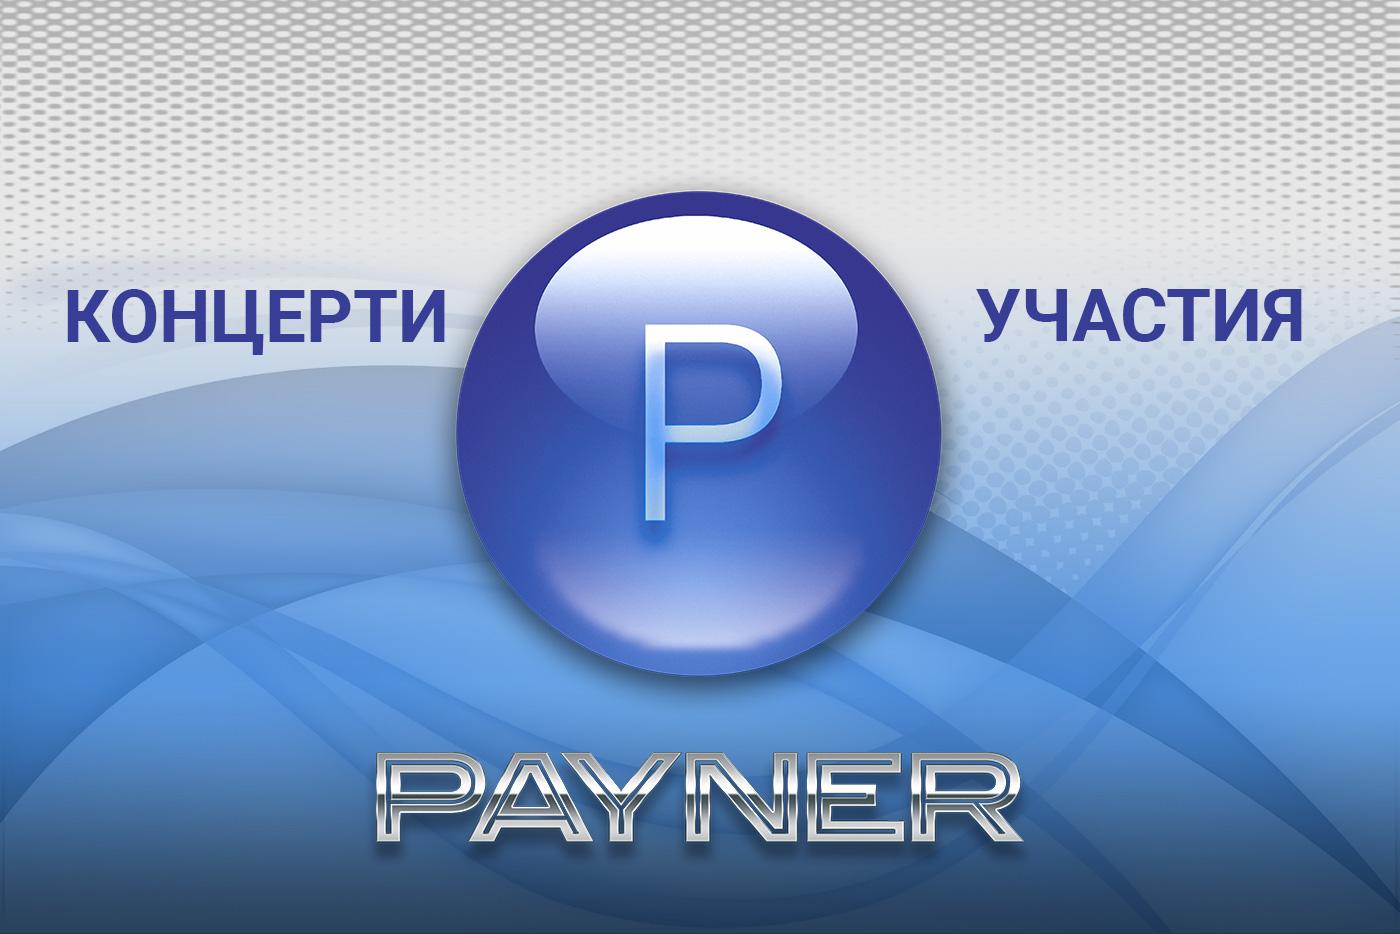 """Участия на звездите на """"Пайнер"""" на 27.05.2019"""